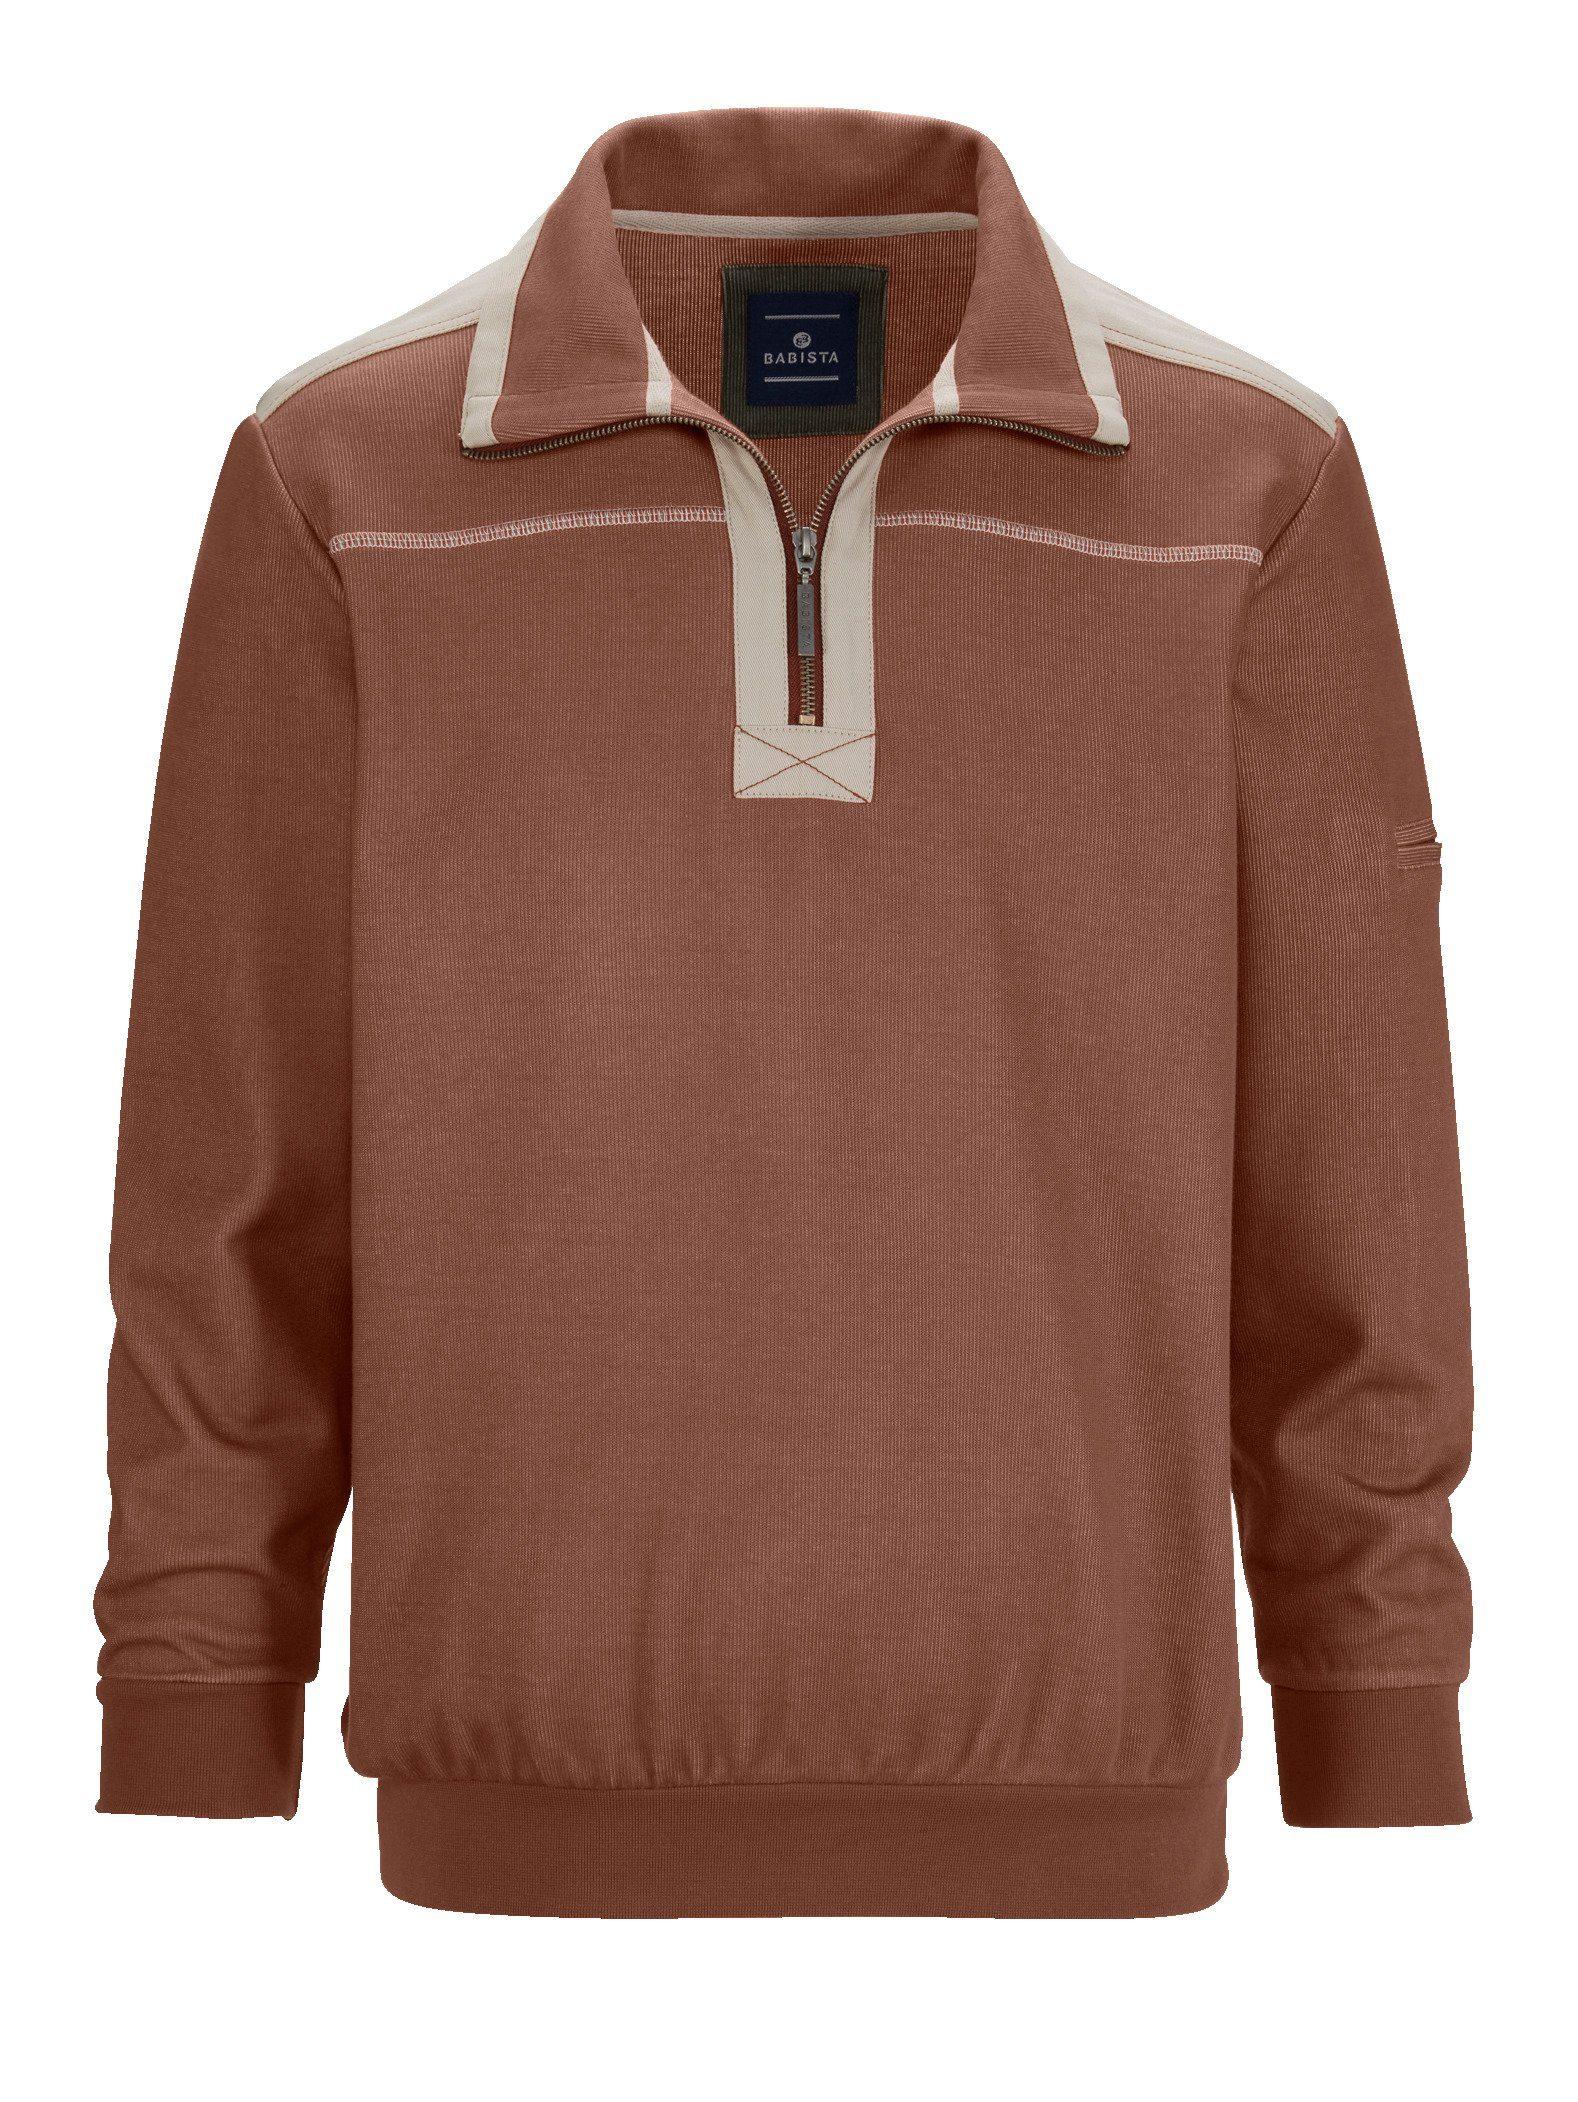 Babista Sweatshirt in zweifarbiger Optik Herrenmode/Bekleidung/Sweatshirts & -jacken/Sweatshirts